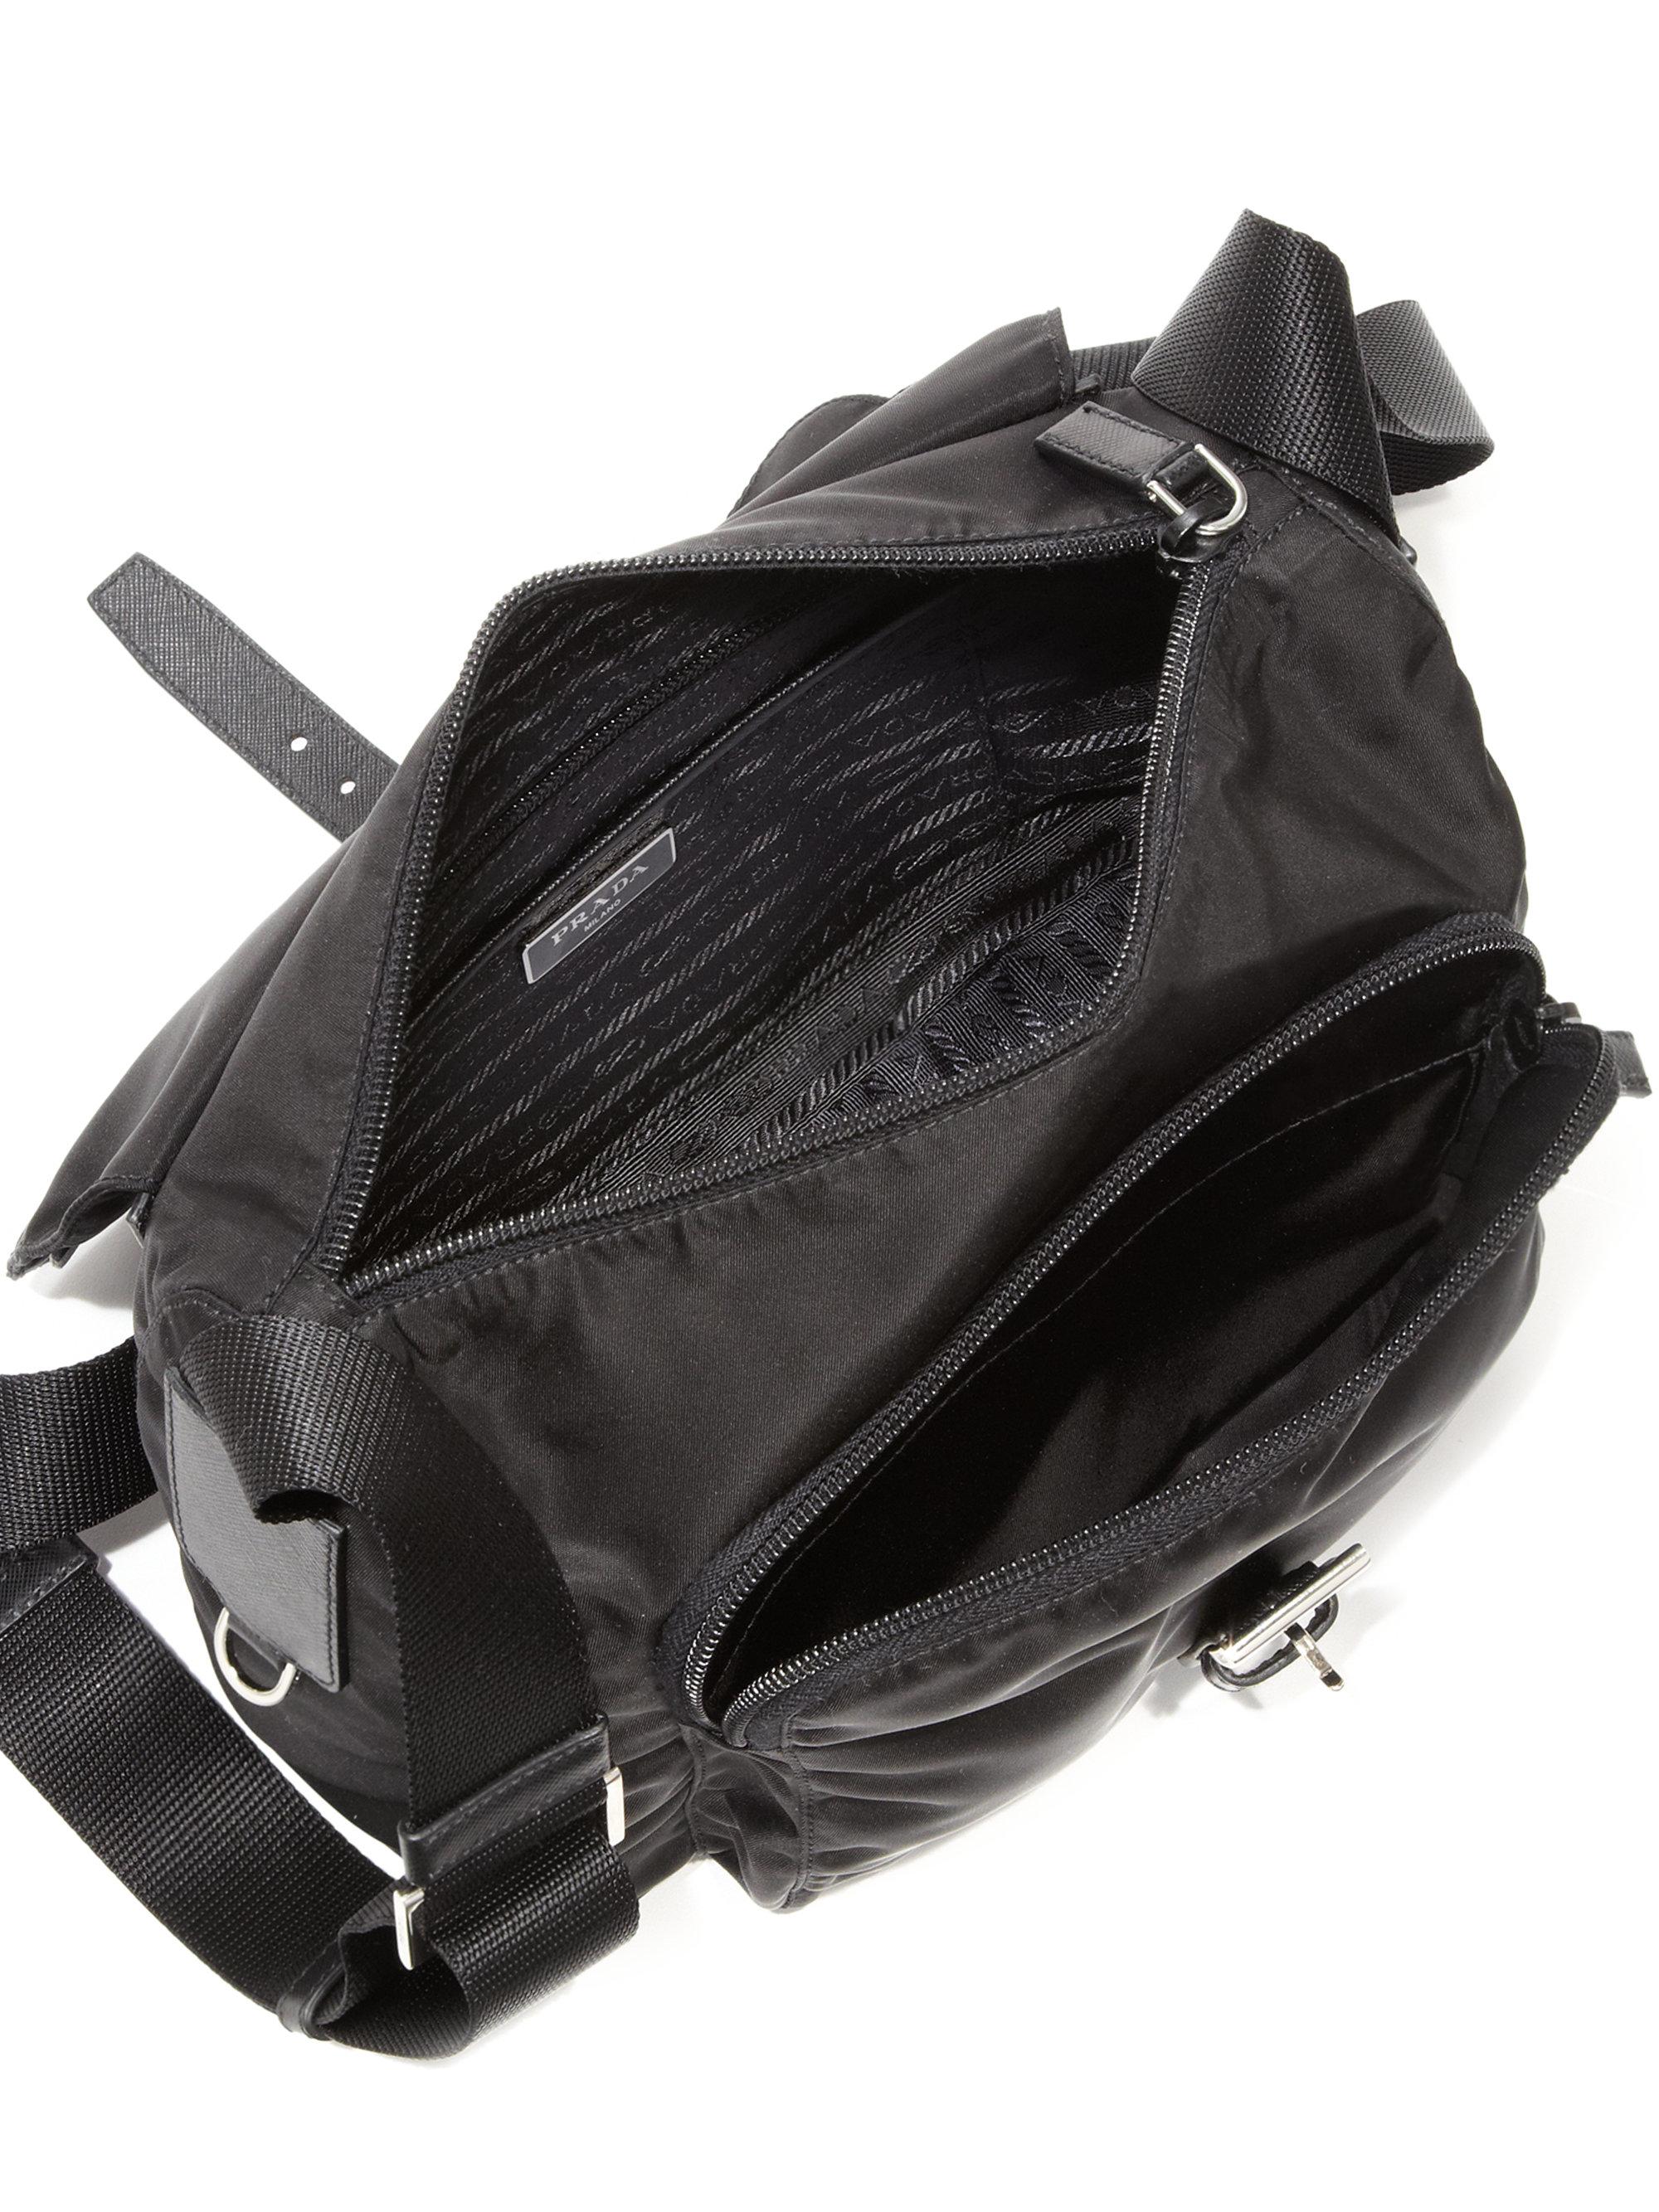 81a5a8718989 ... denmark lyst prada nylon leather crossbody bag in black 0b52d 6f483